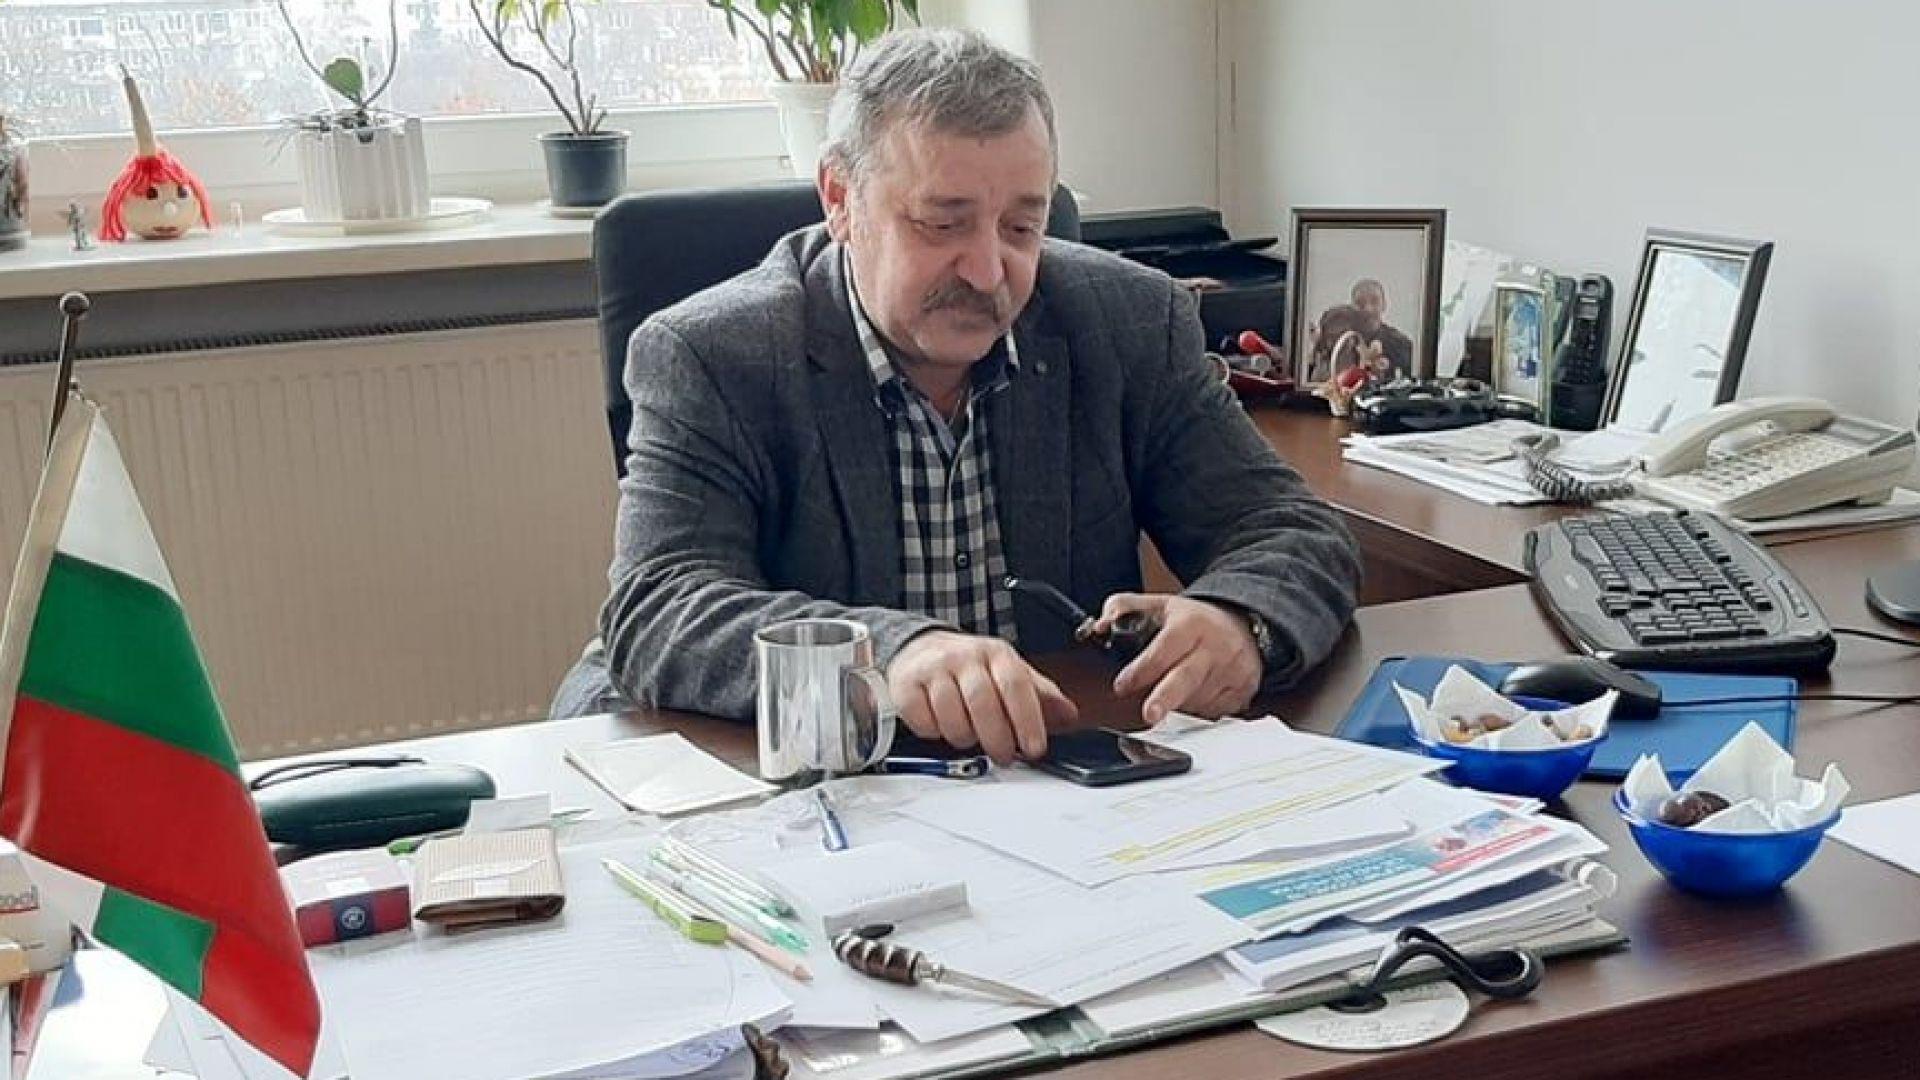 Проф. Кантарджиев: Почувствах много лоши неща, в епидемия да сменяш лекар не е най-умното нещо